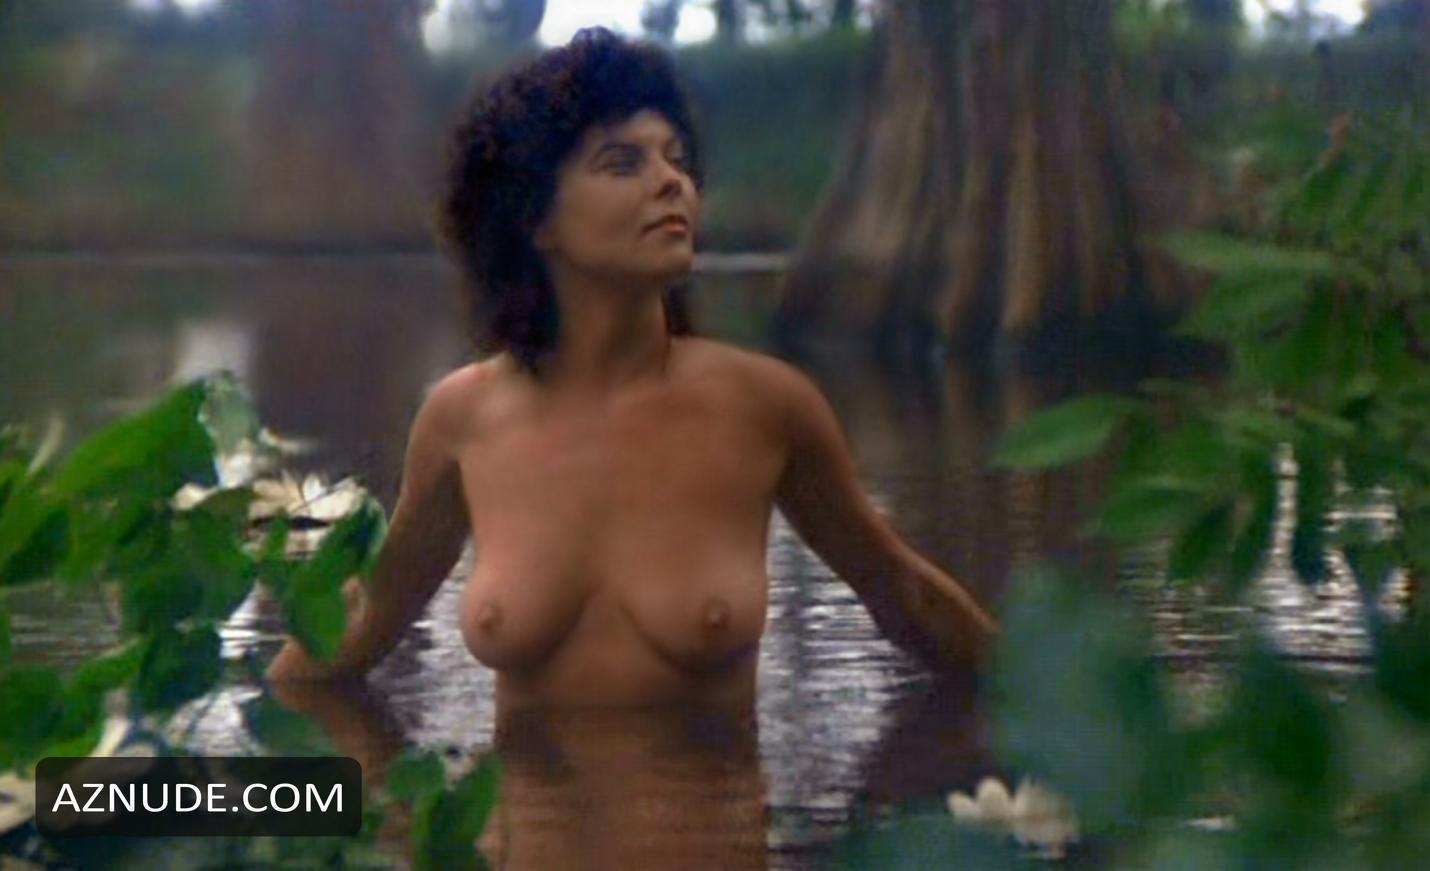 Naked adrienne barbeau nude